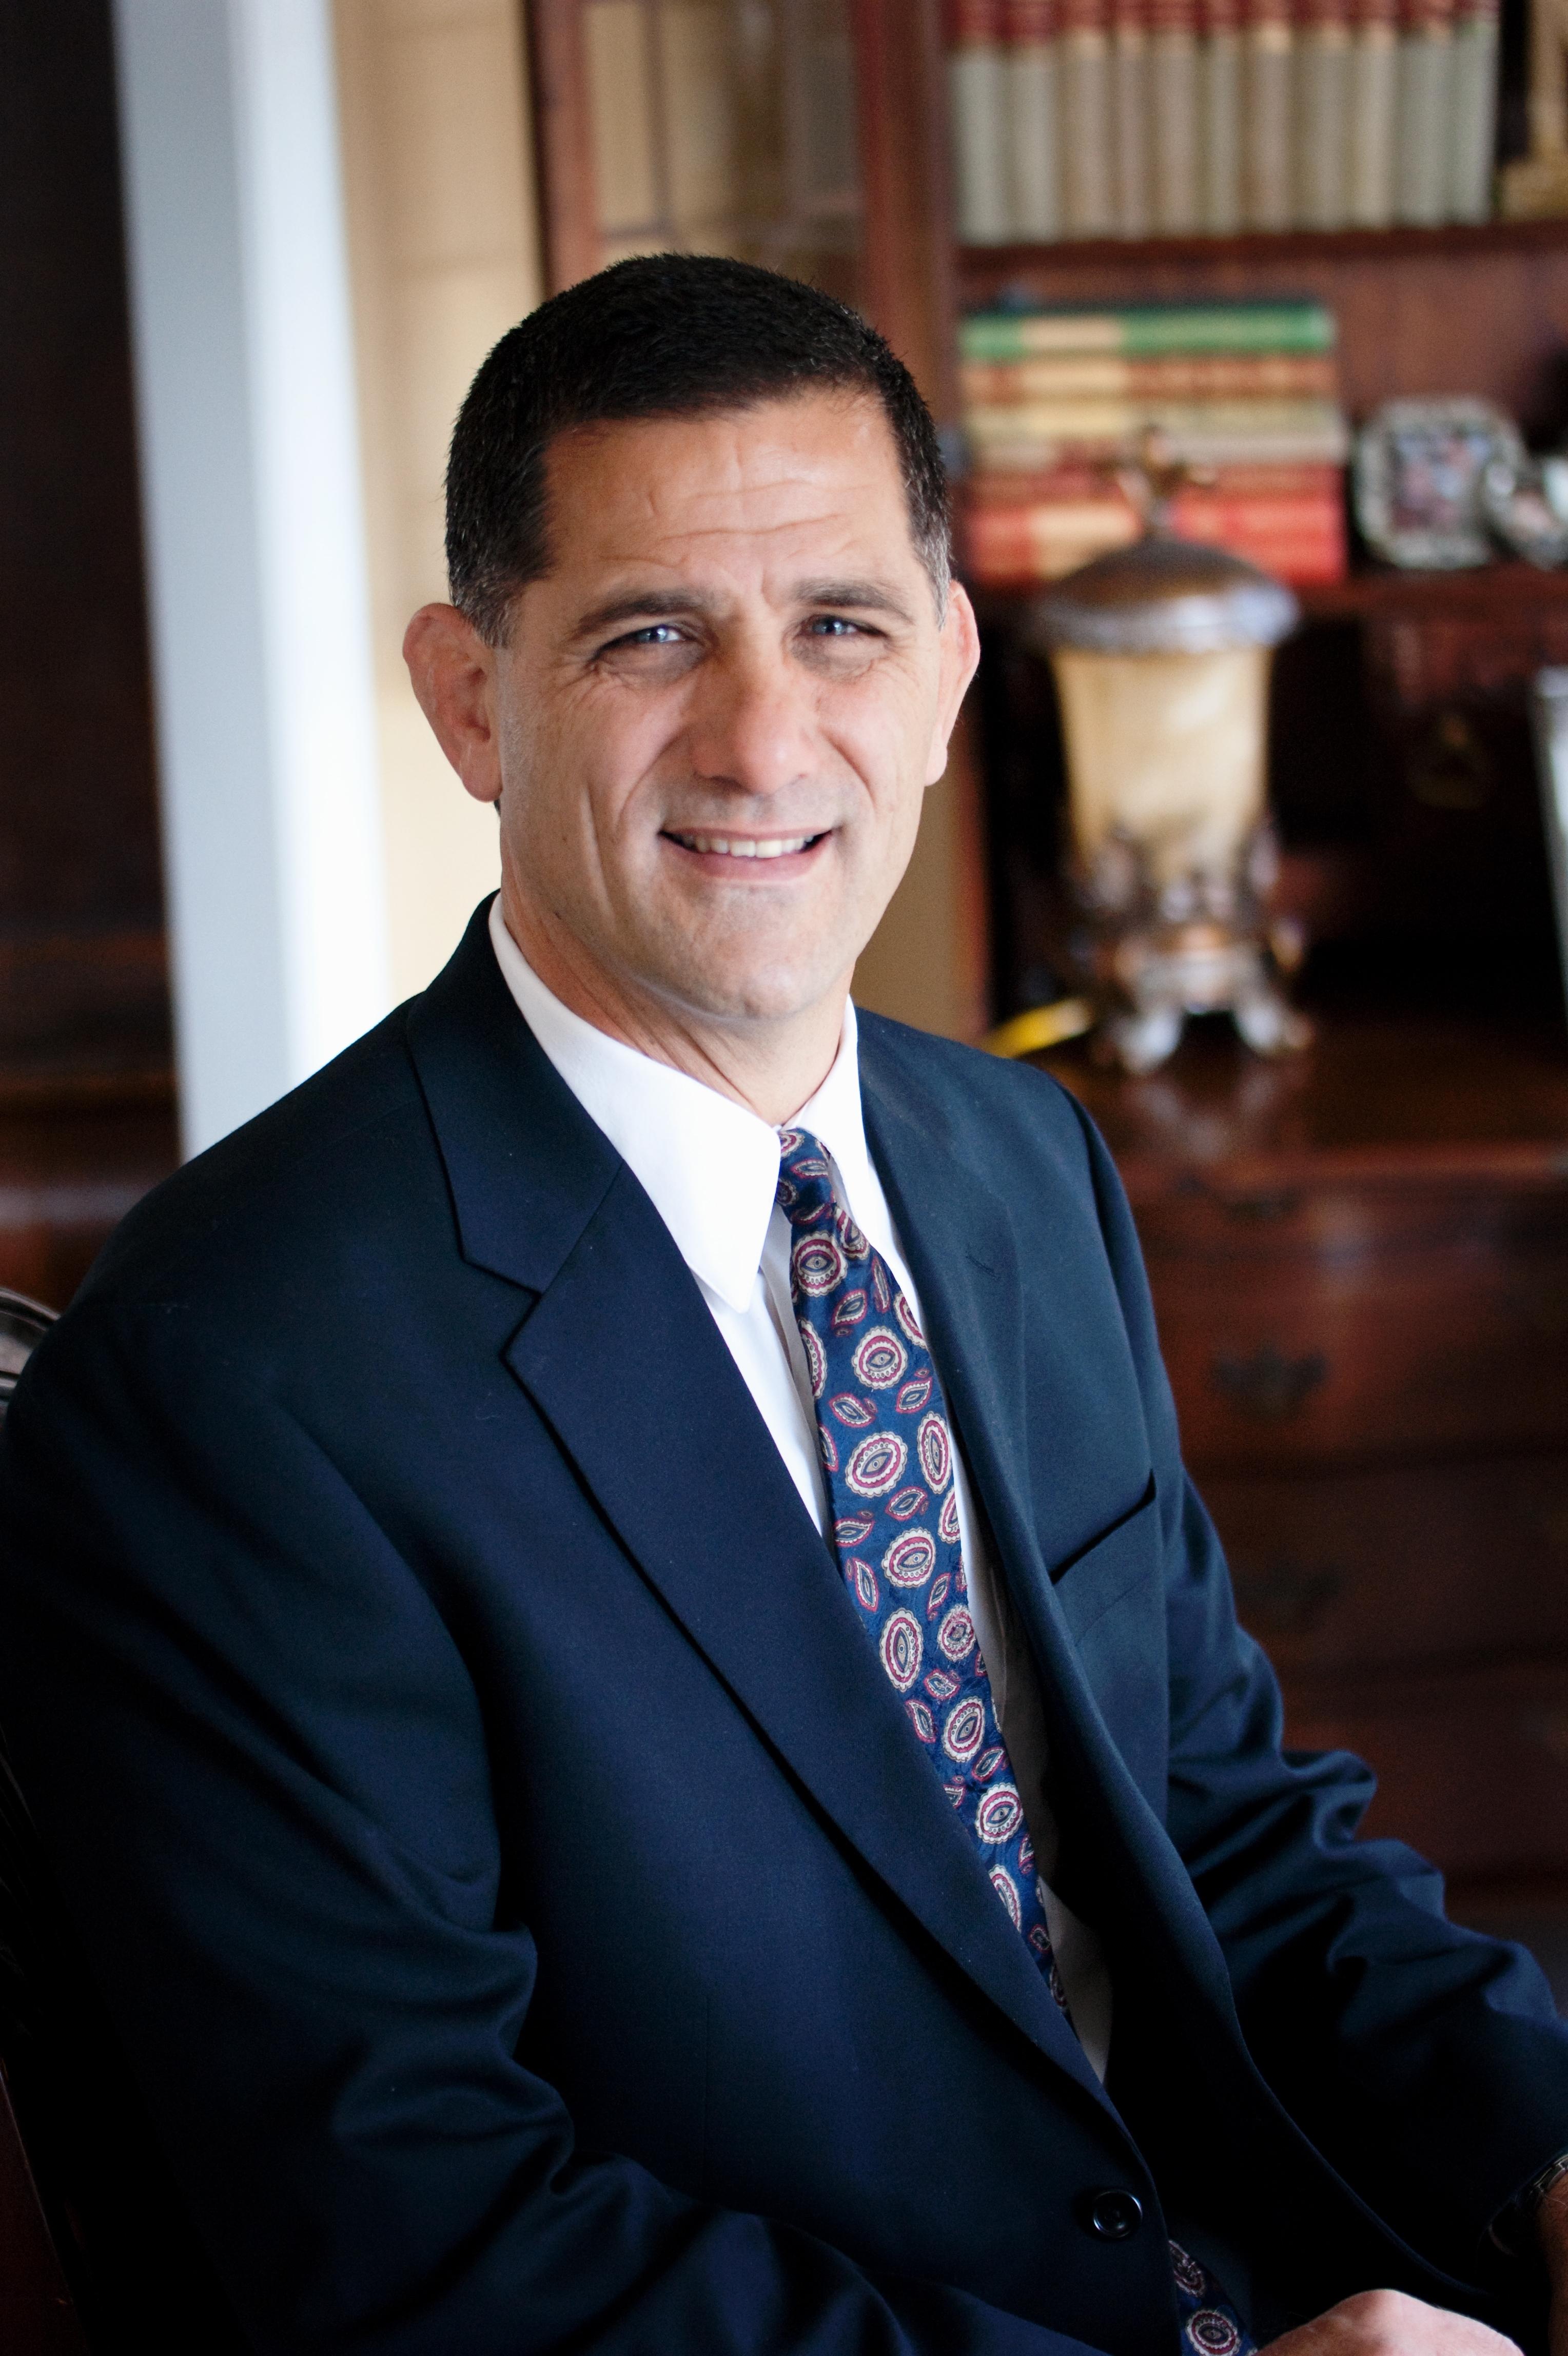 Michael Babcock